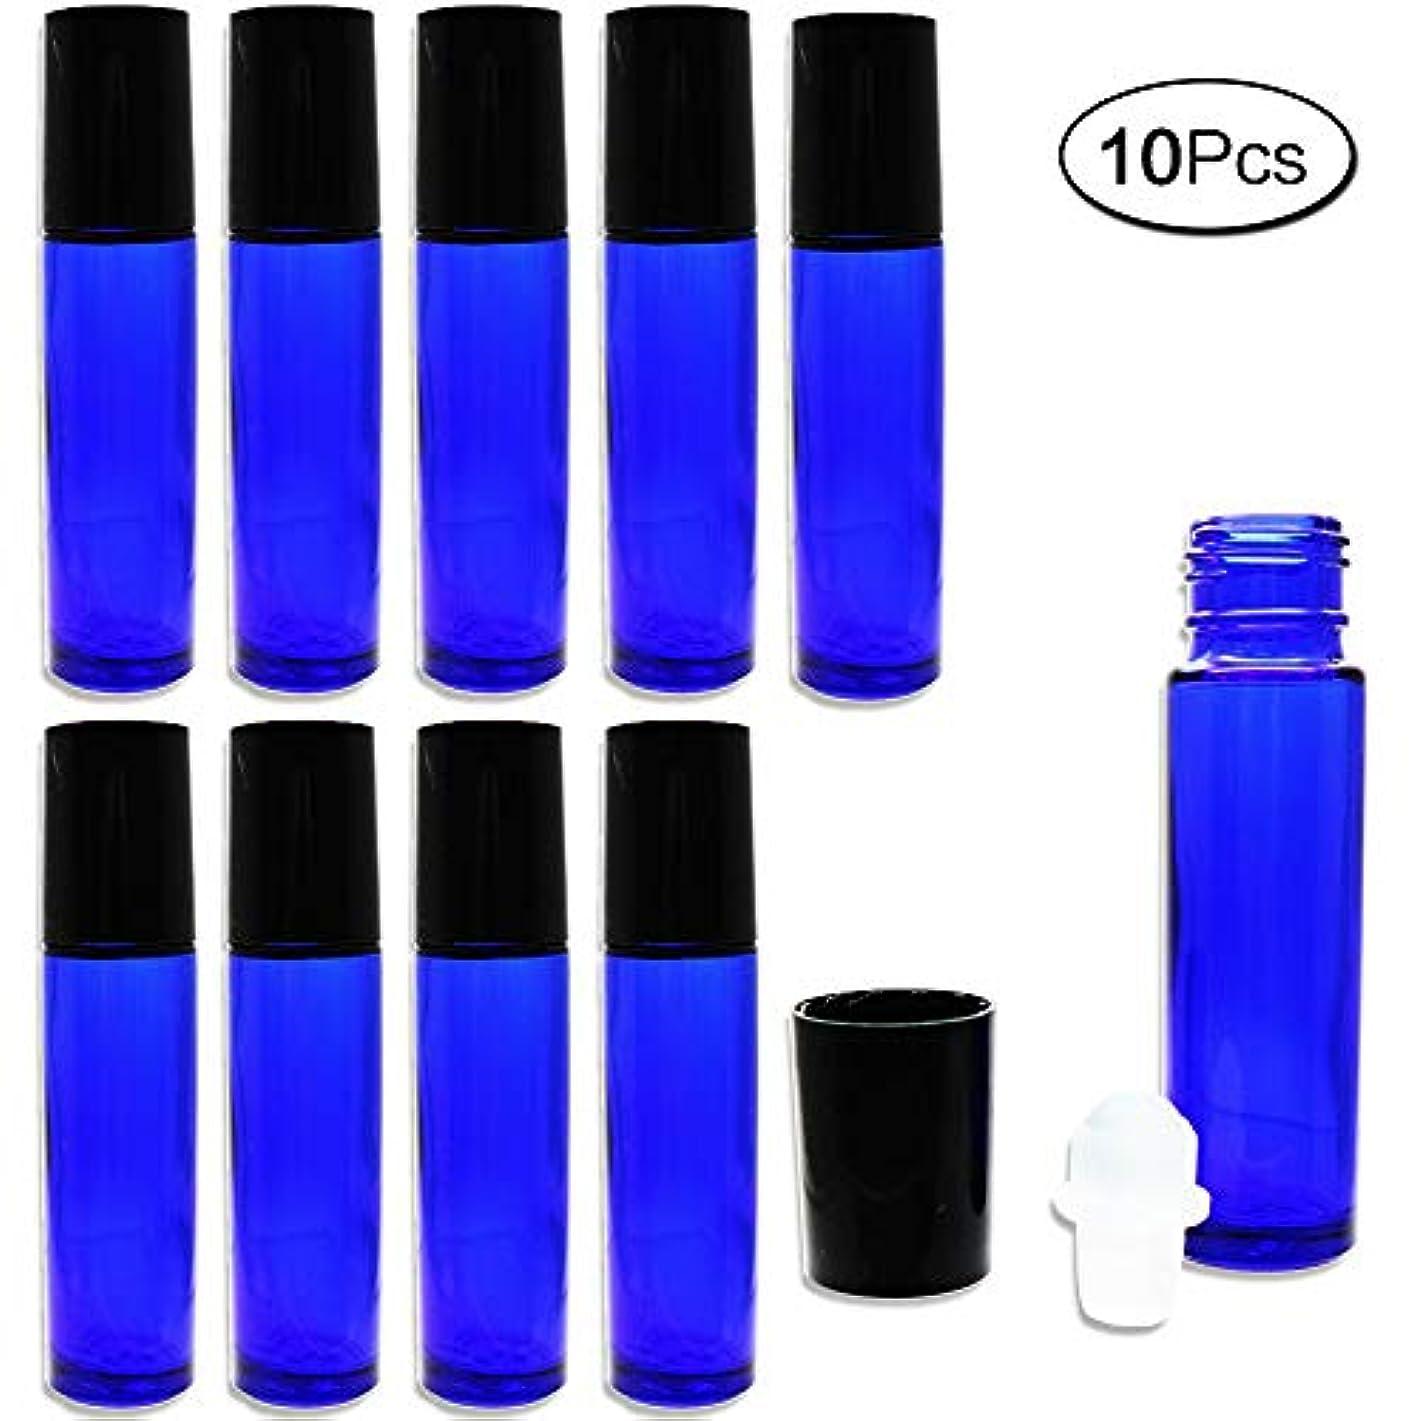 ジャンピングジャック義務付けられた保有者10ml ロールオンボトル アロマオイル ガラスロール 詰め替え 遮光瓶 10本セット